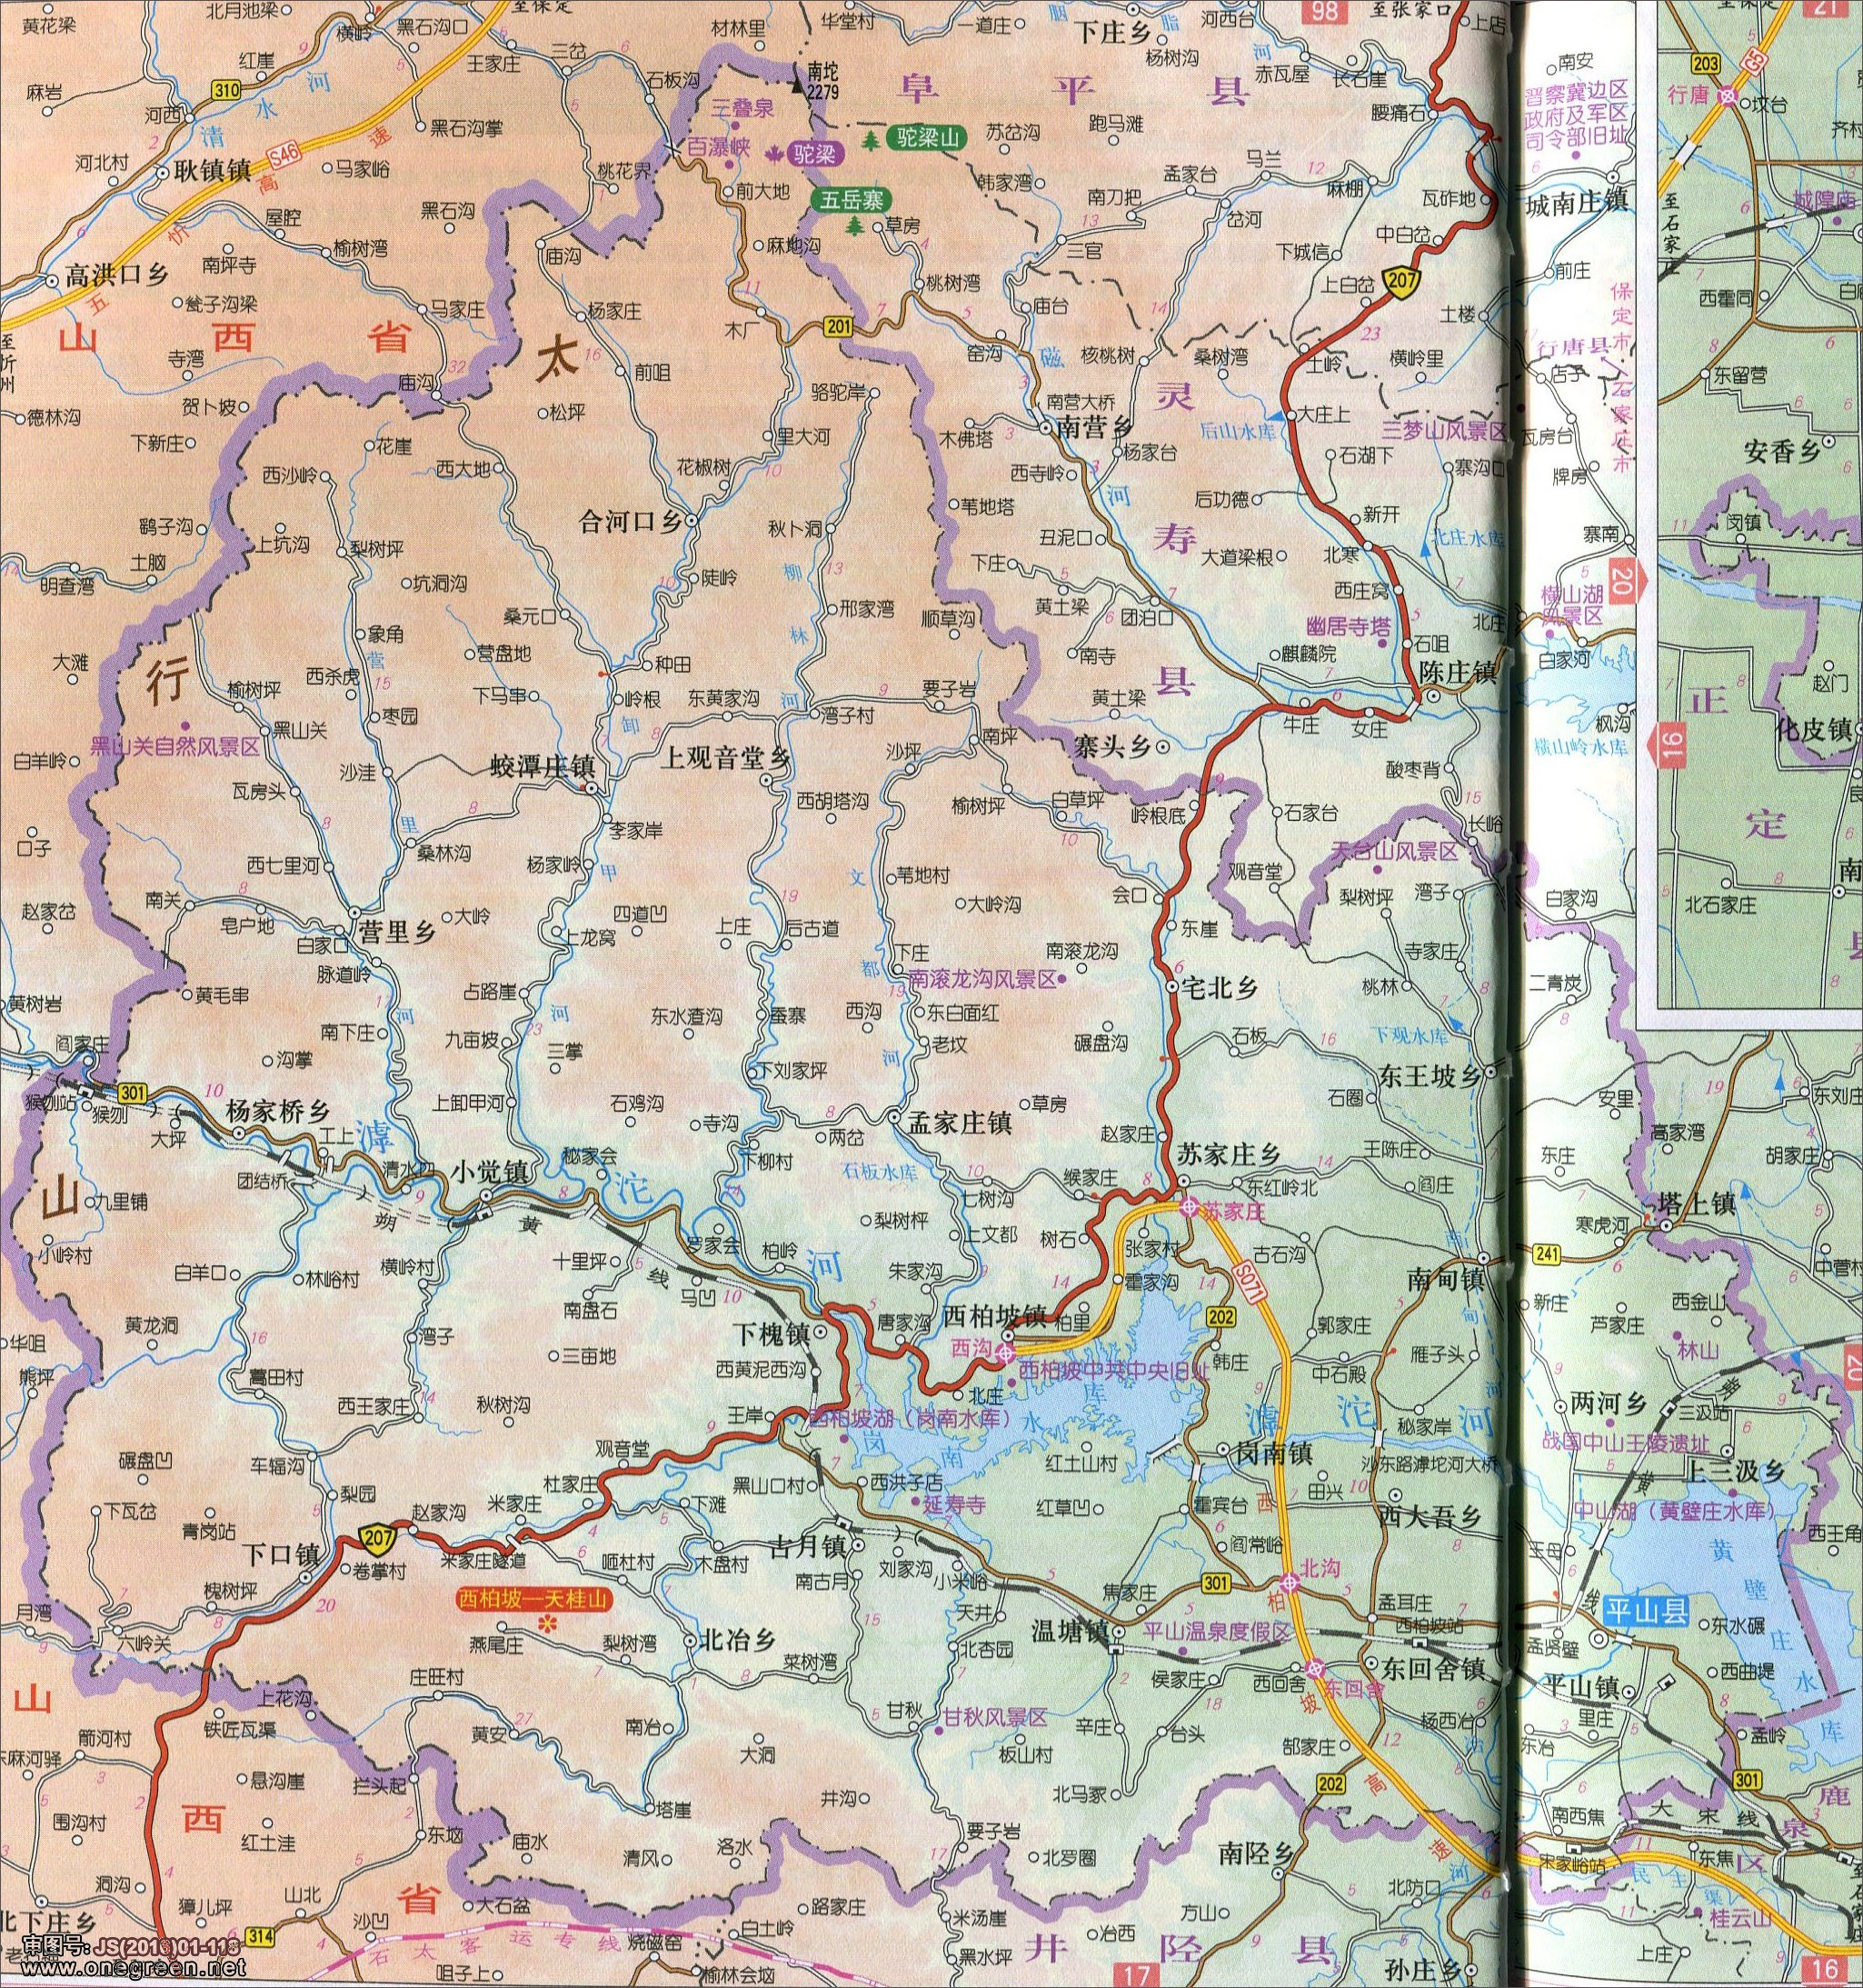 平山县地图